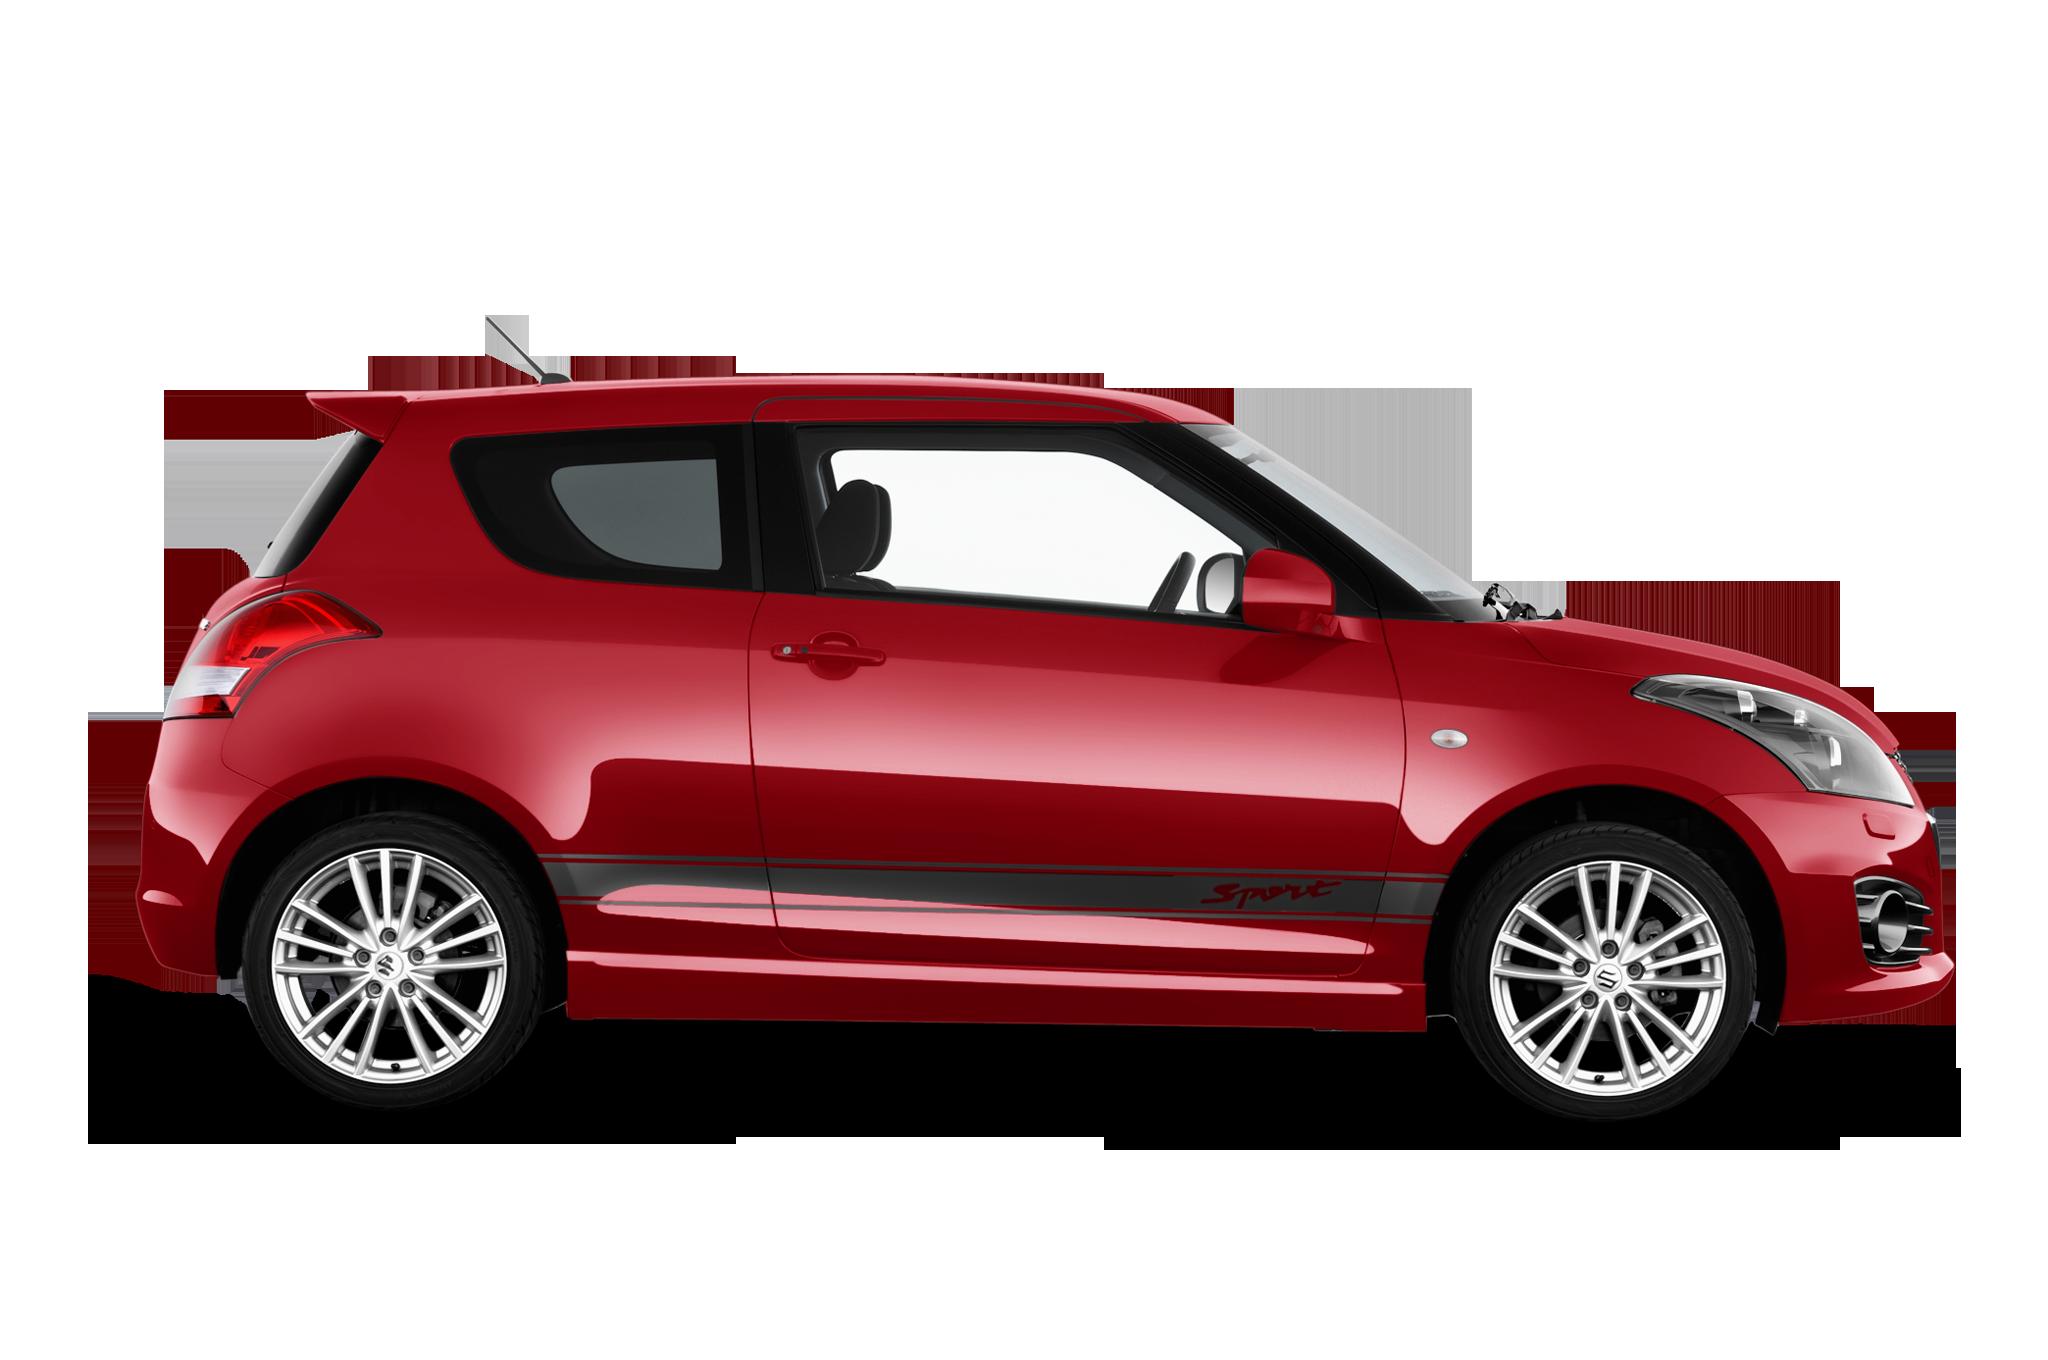 Suzuki Swift company car side view